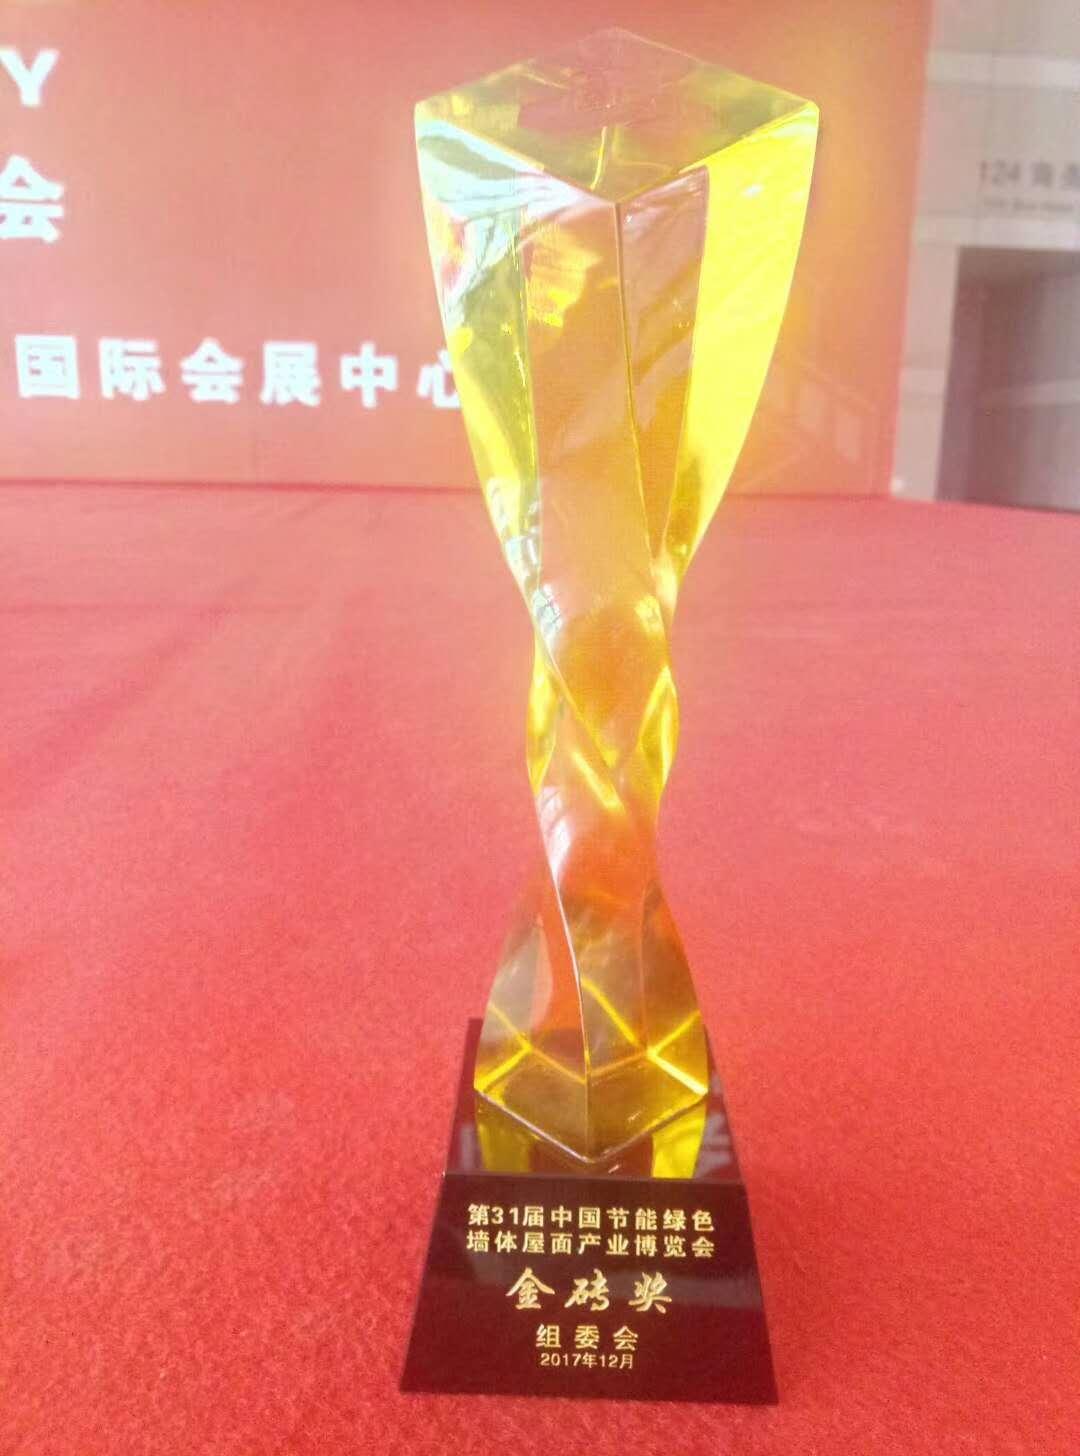 2017年12月6-10日,临朐县振国机械制造有限公司参加厦门第三十一届中国节能墙体屋面产业博览会|新闻动态-临朐县振国机械制造有限公司